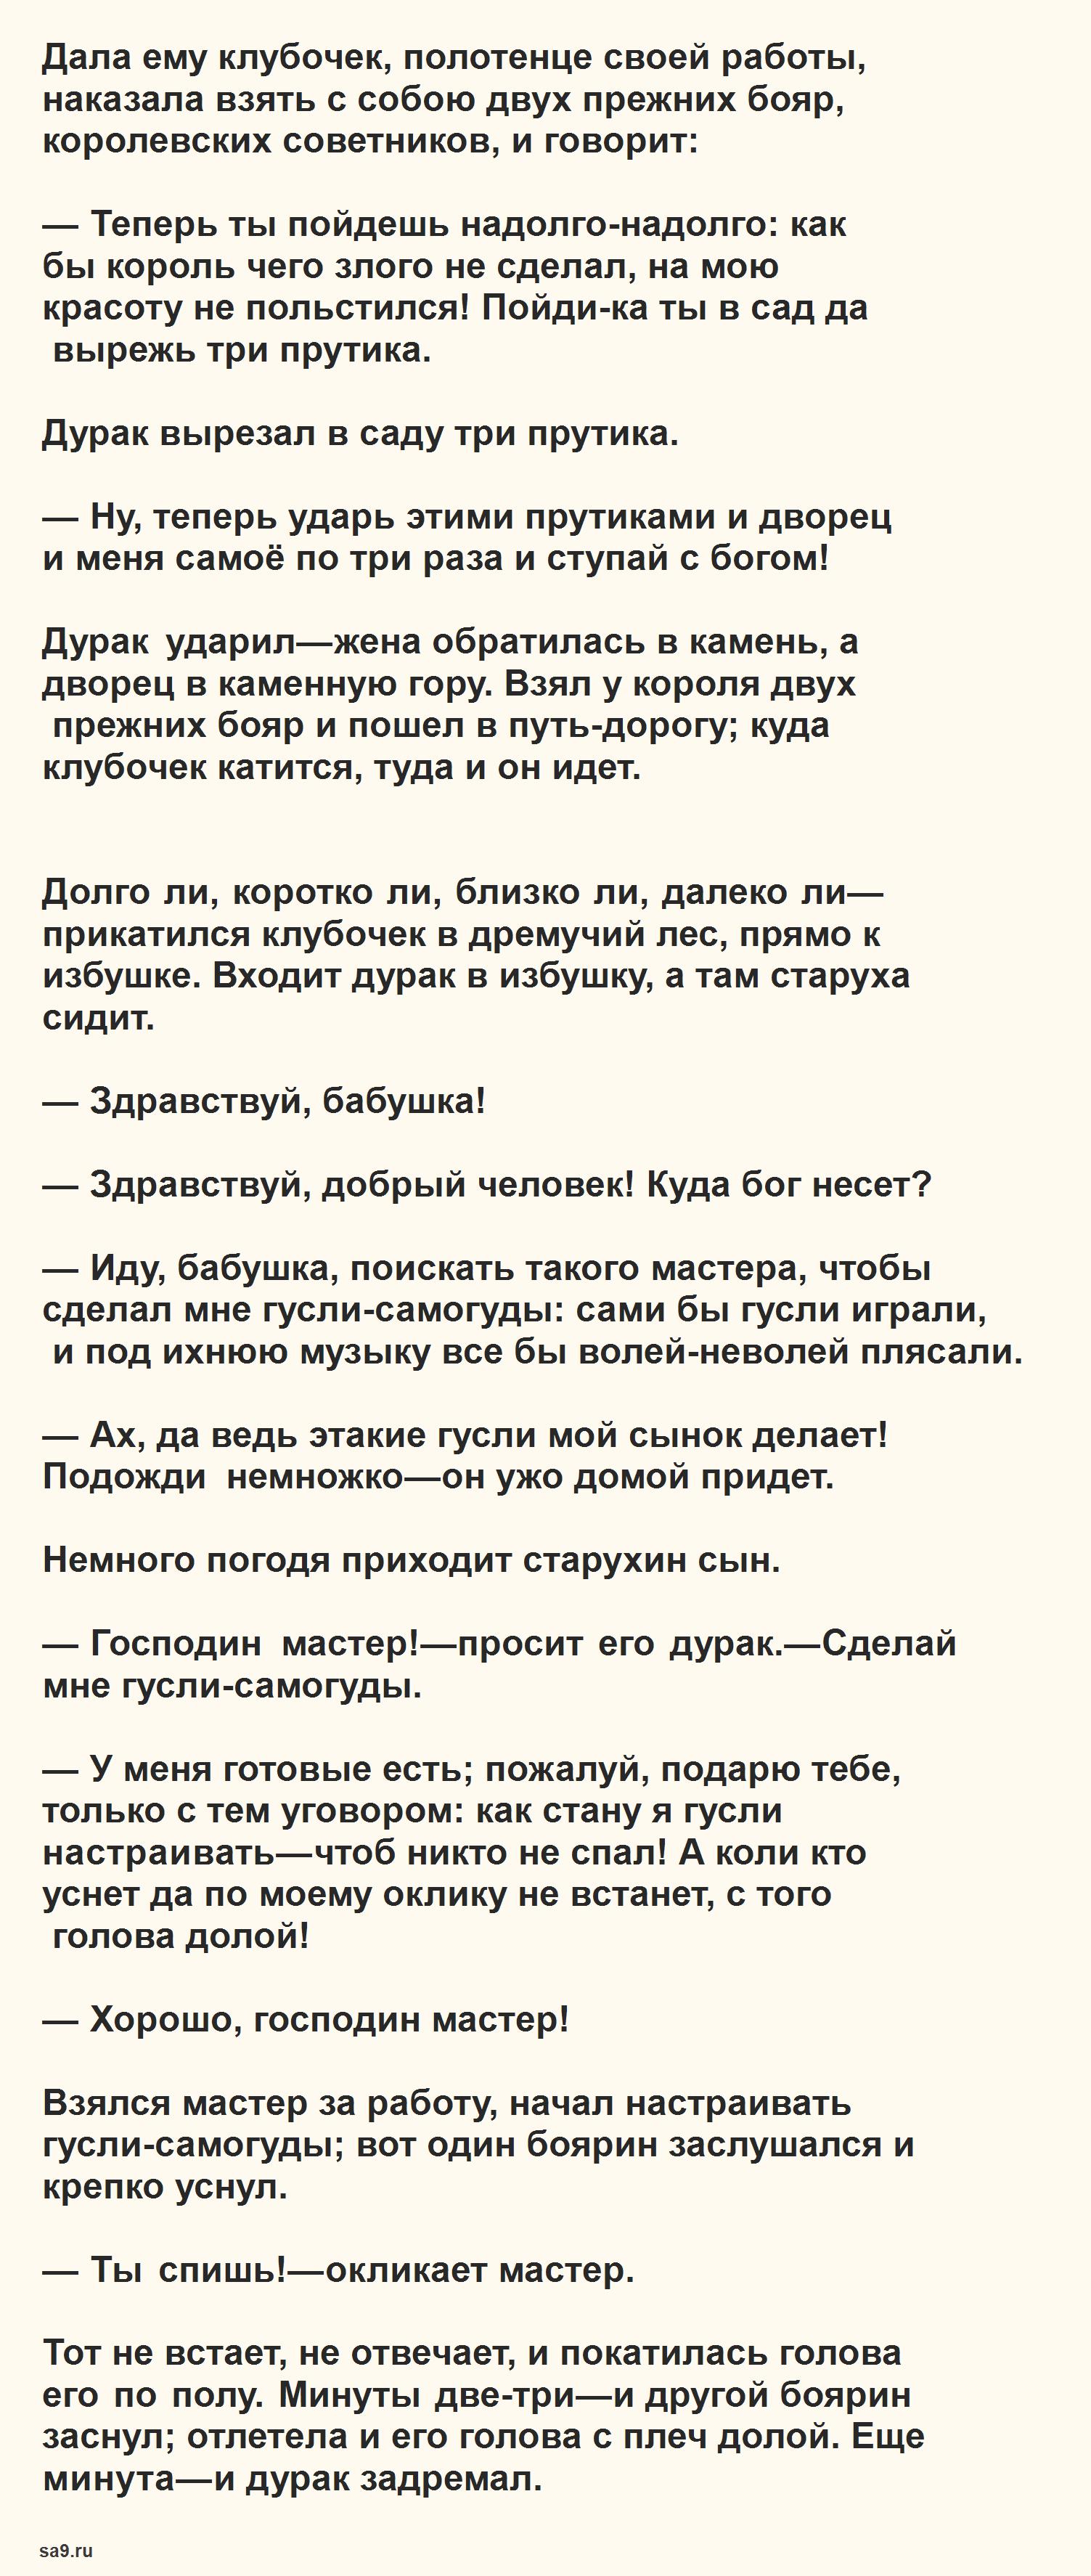 Читать русскую народную сказку - Мудрая жена